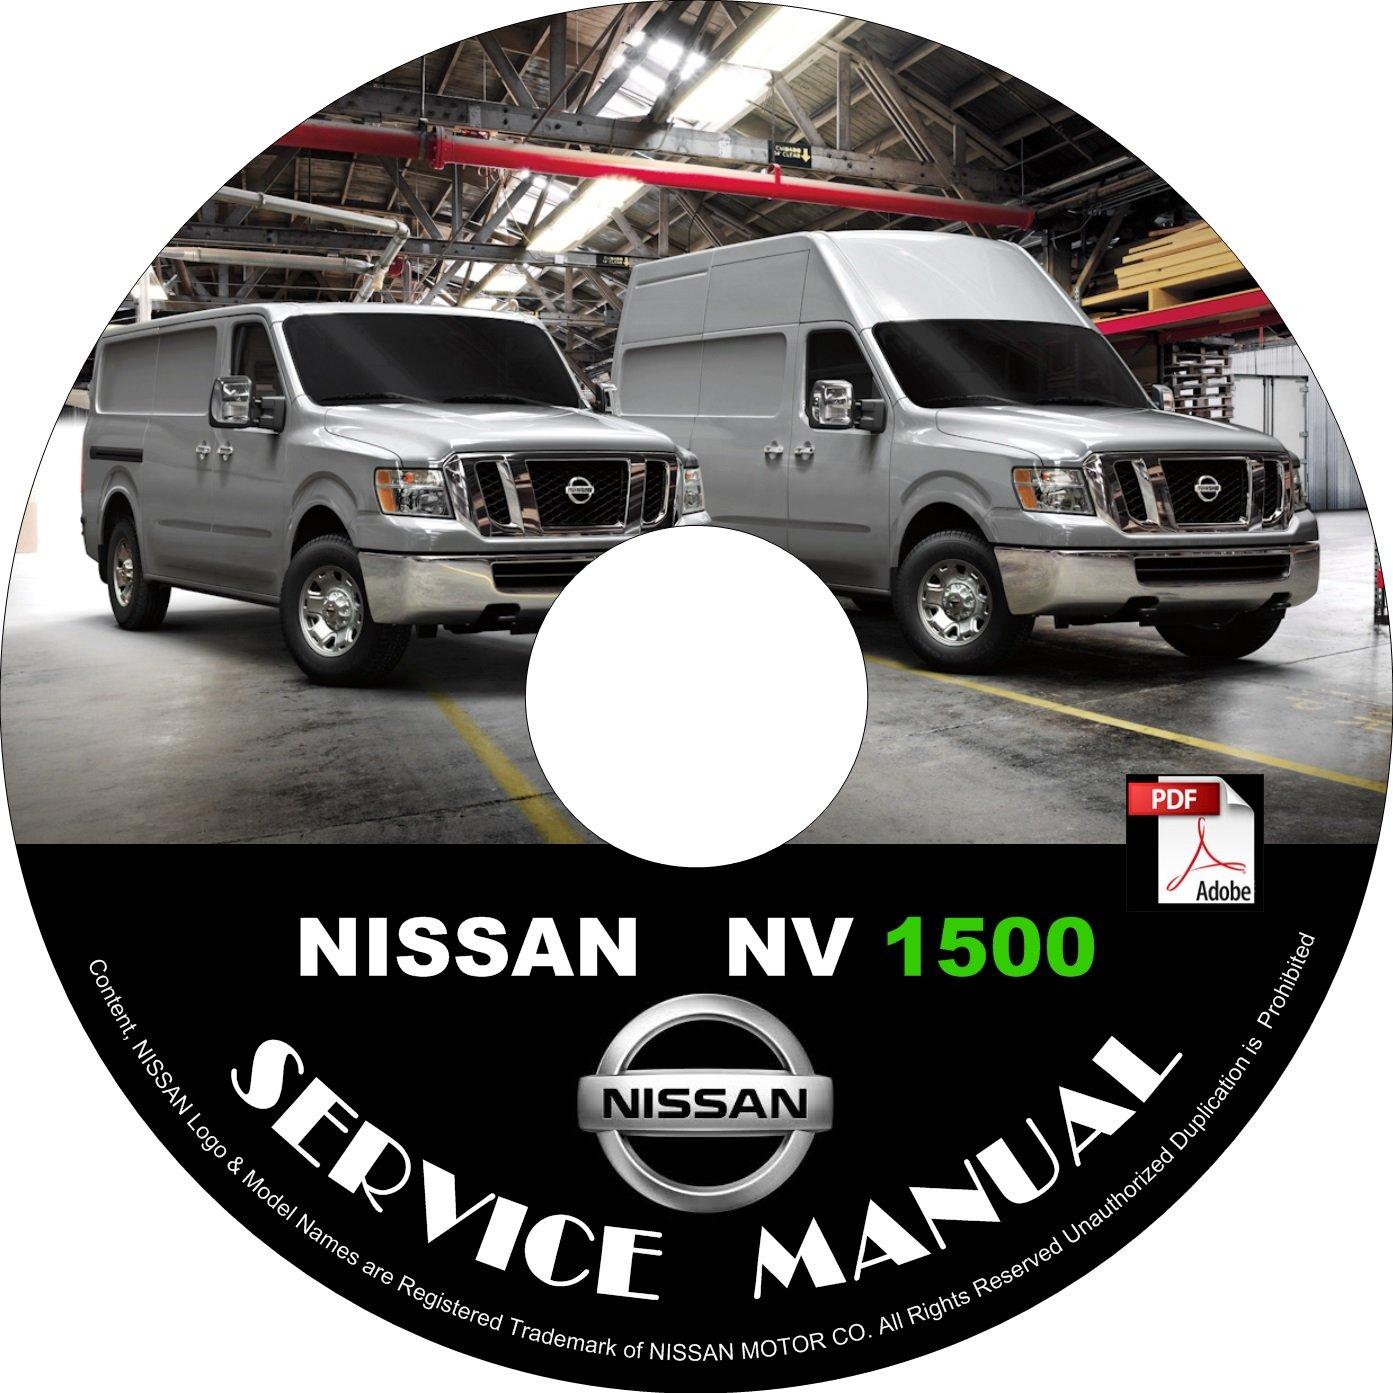 2014 Nissan NV 1500 Factory Service Repair Shop Manual on CD Fix Repair Rebuild '14 Workshop Guide